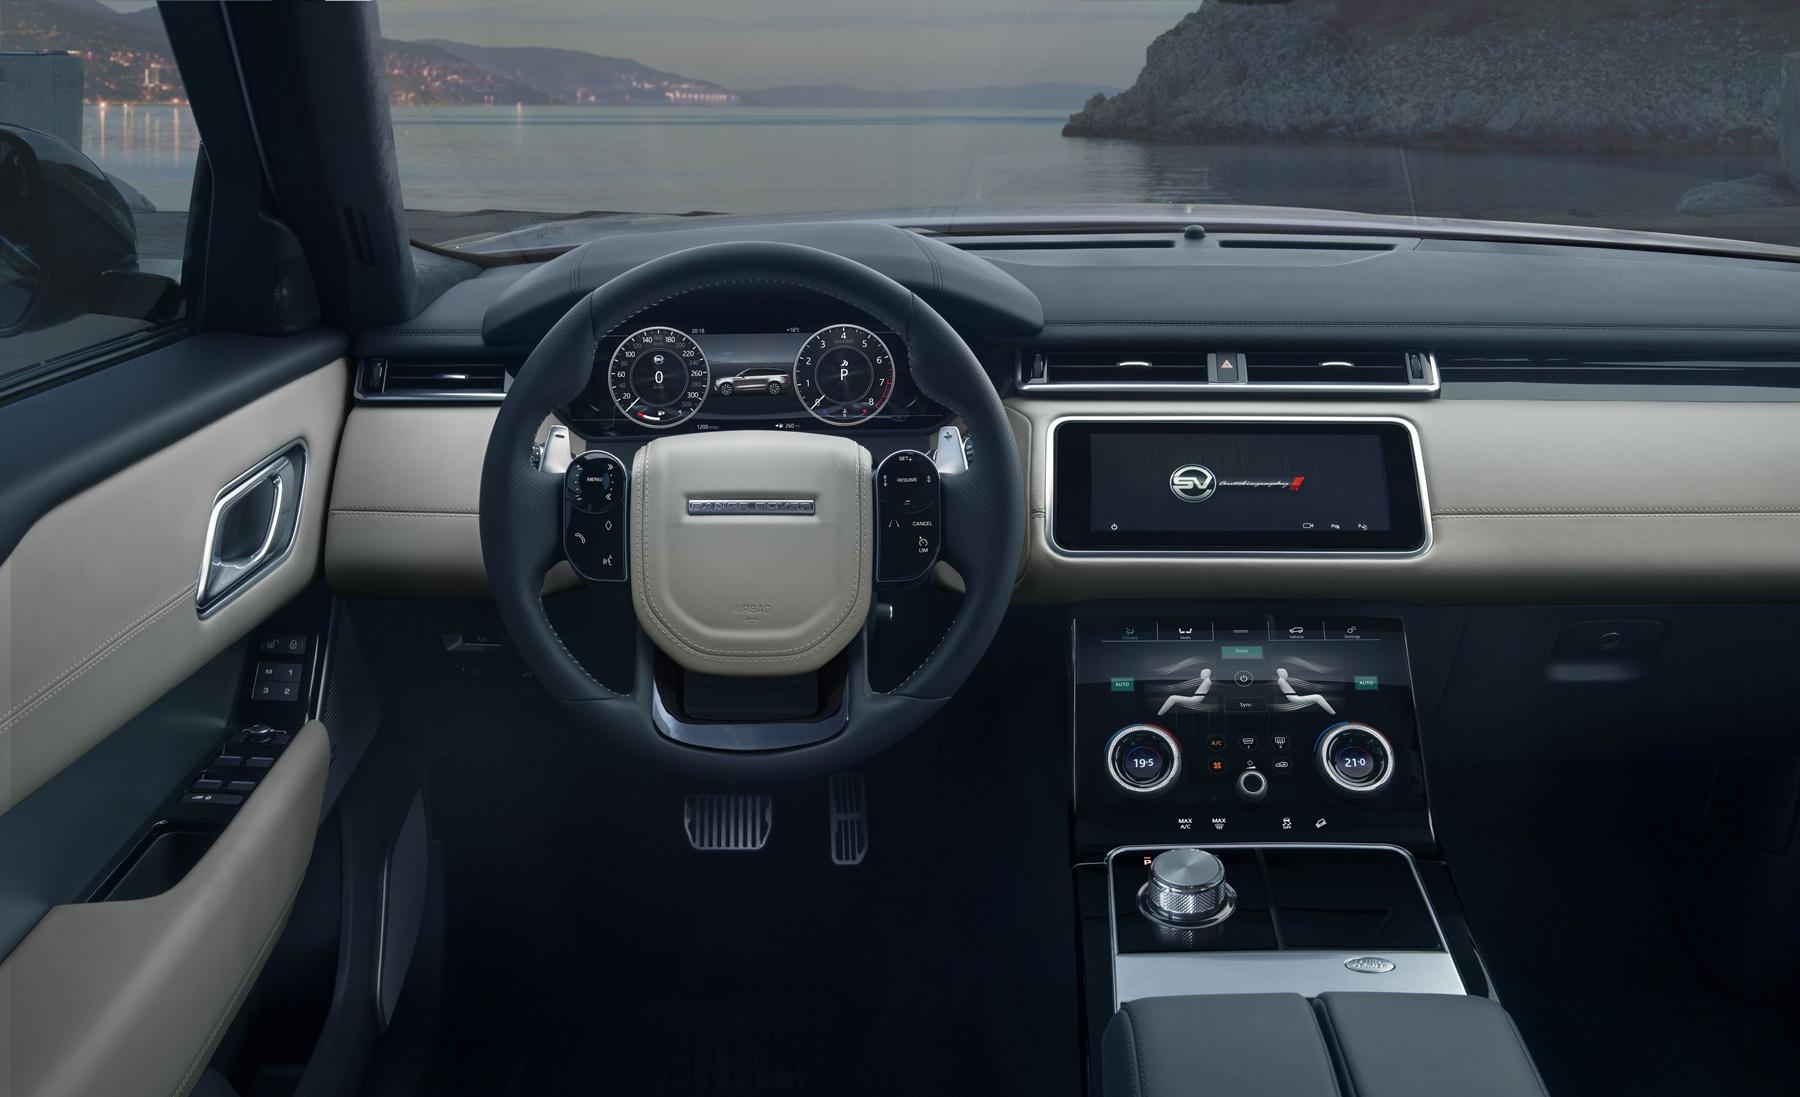 Cabine do Range Rover Velar com partes claras de couro no painel e volante esportivo com costuras aparentes